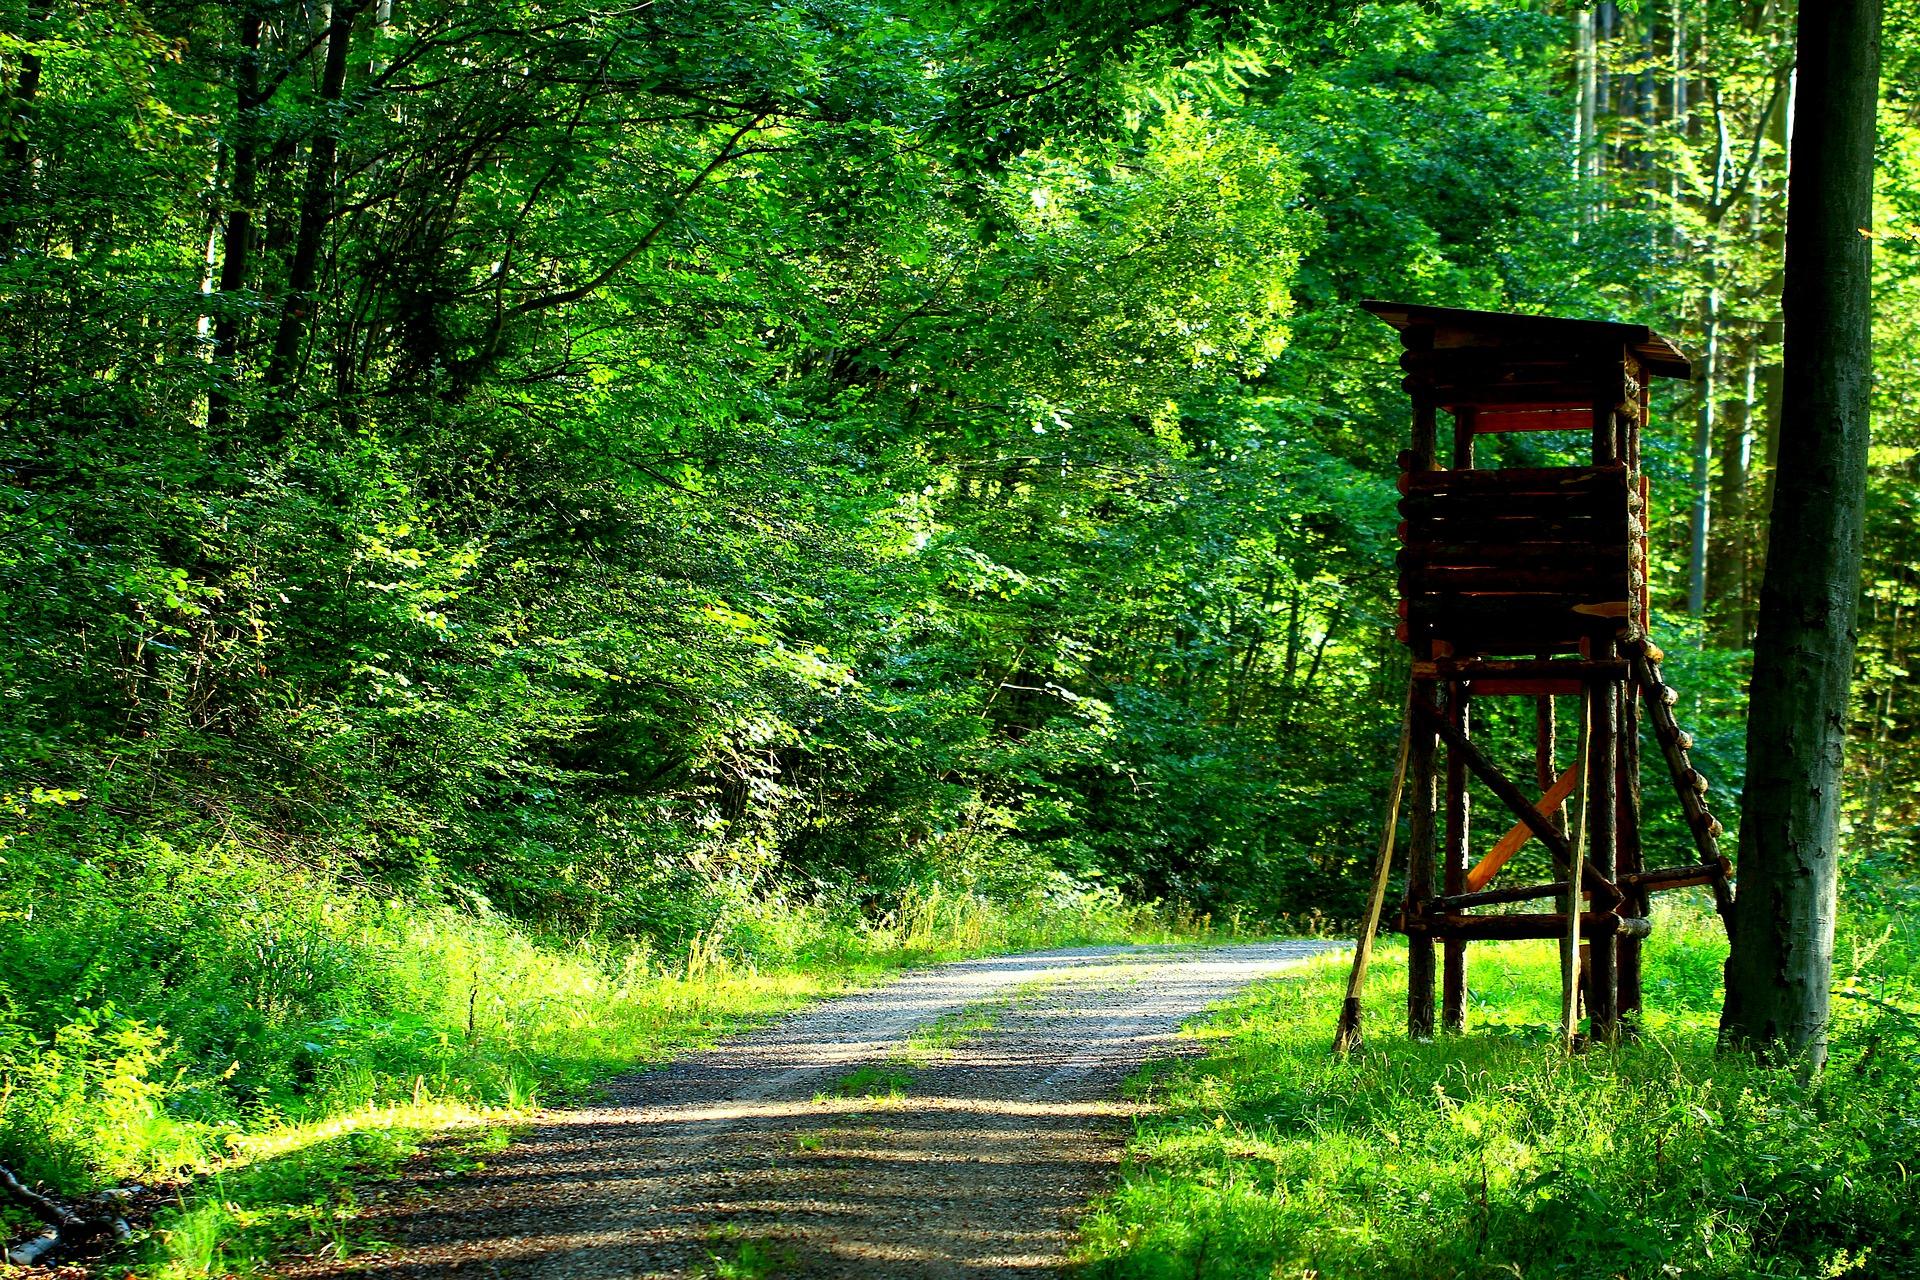 Offene Kanzel auf einem Waldweg mit gutem Schussfeld